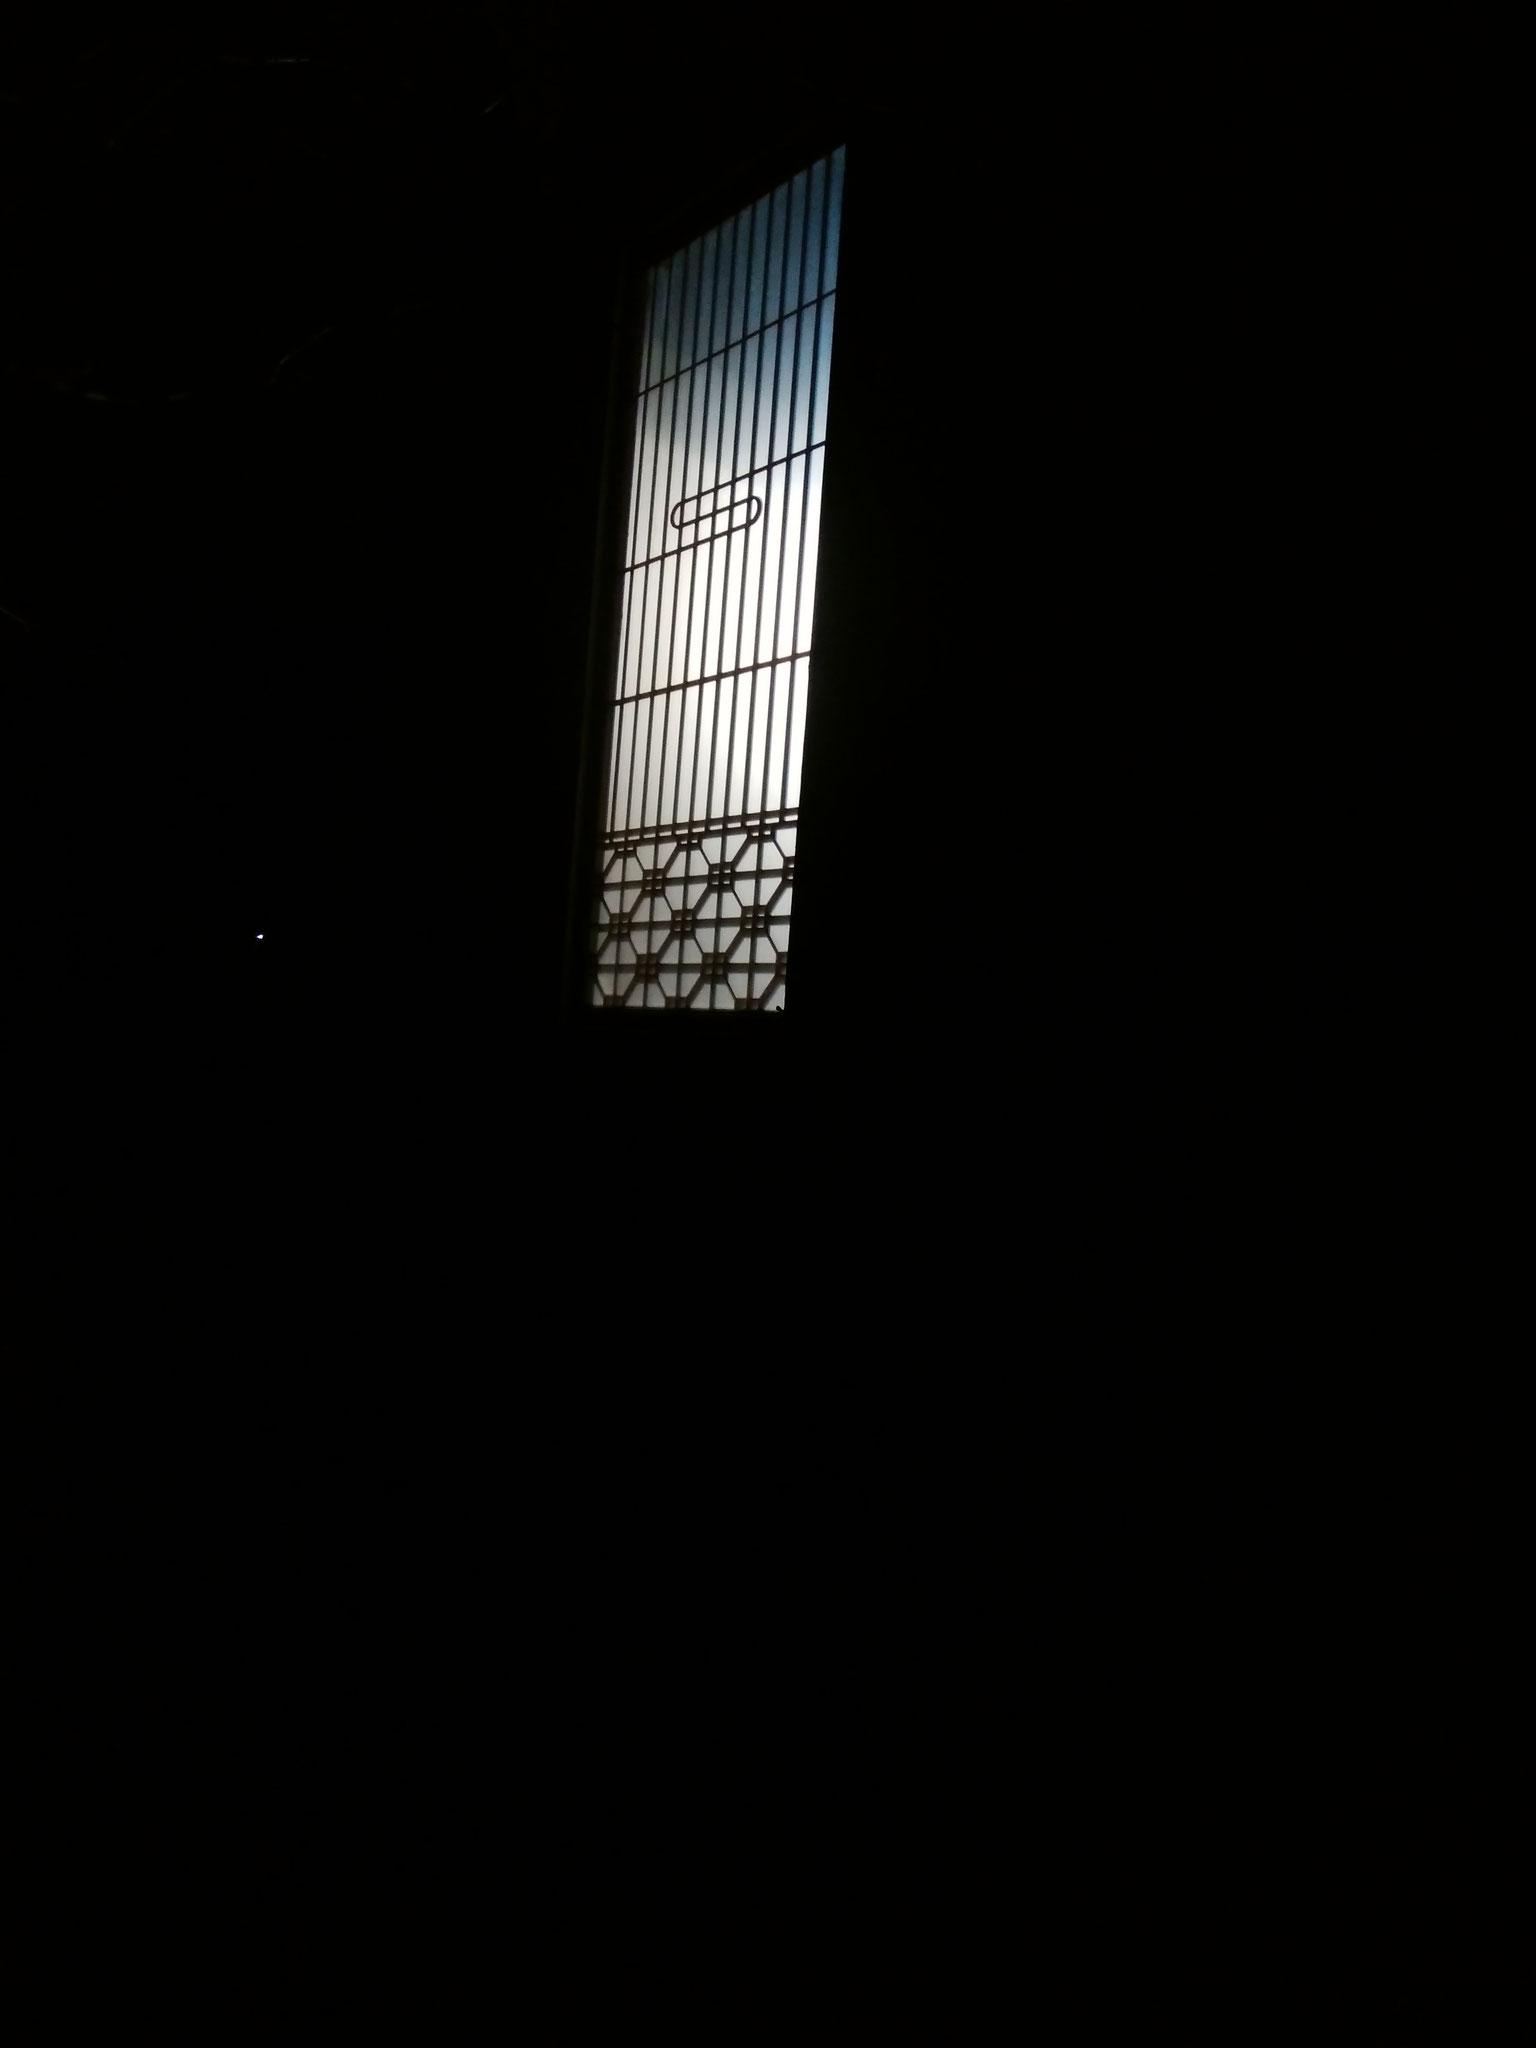 夜に浮かび上がる影。